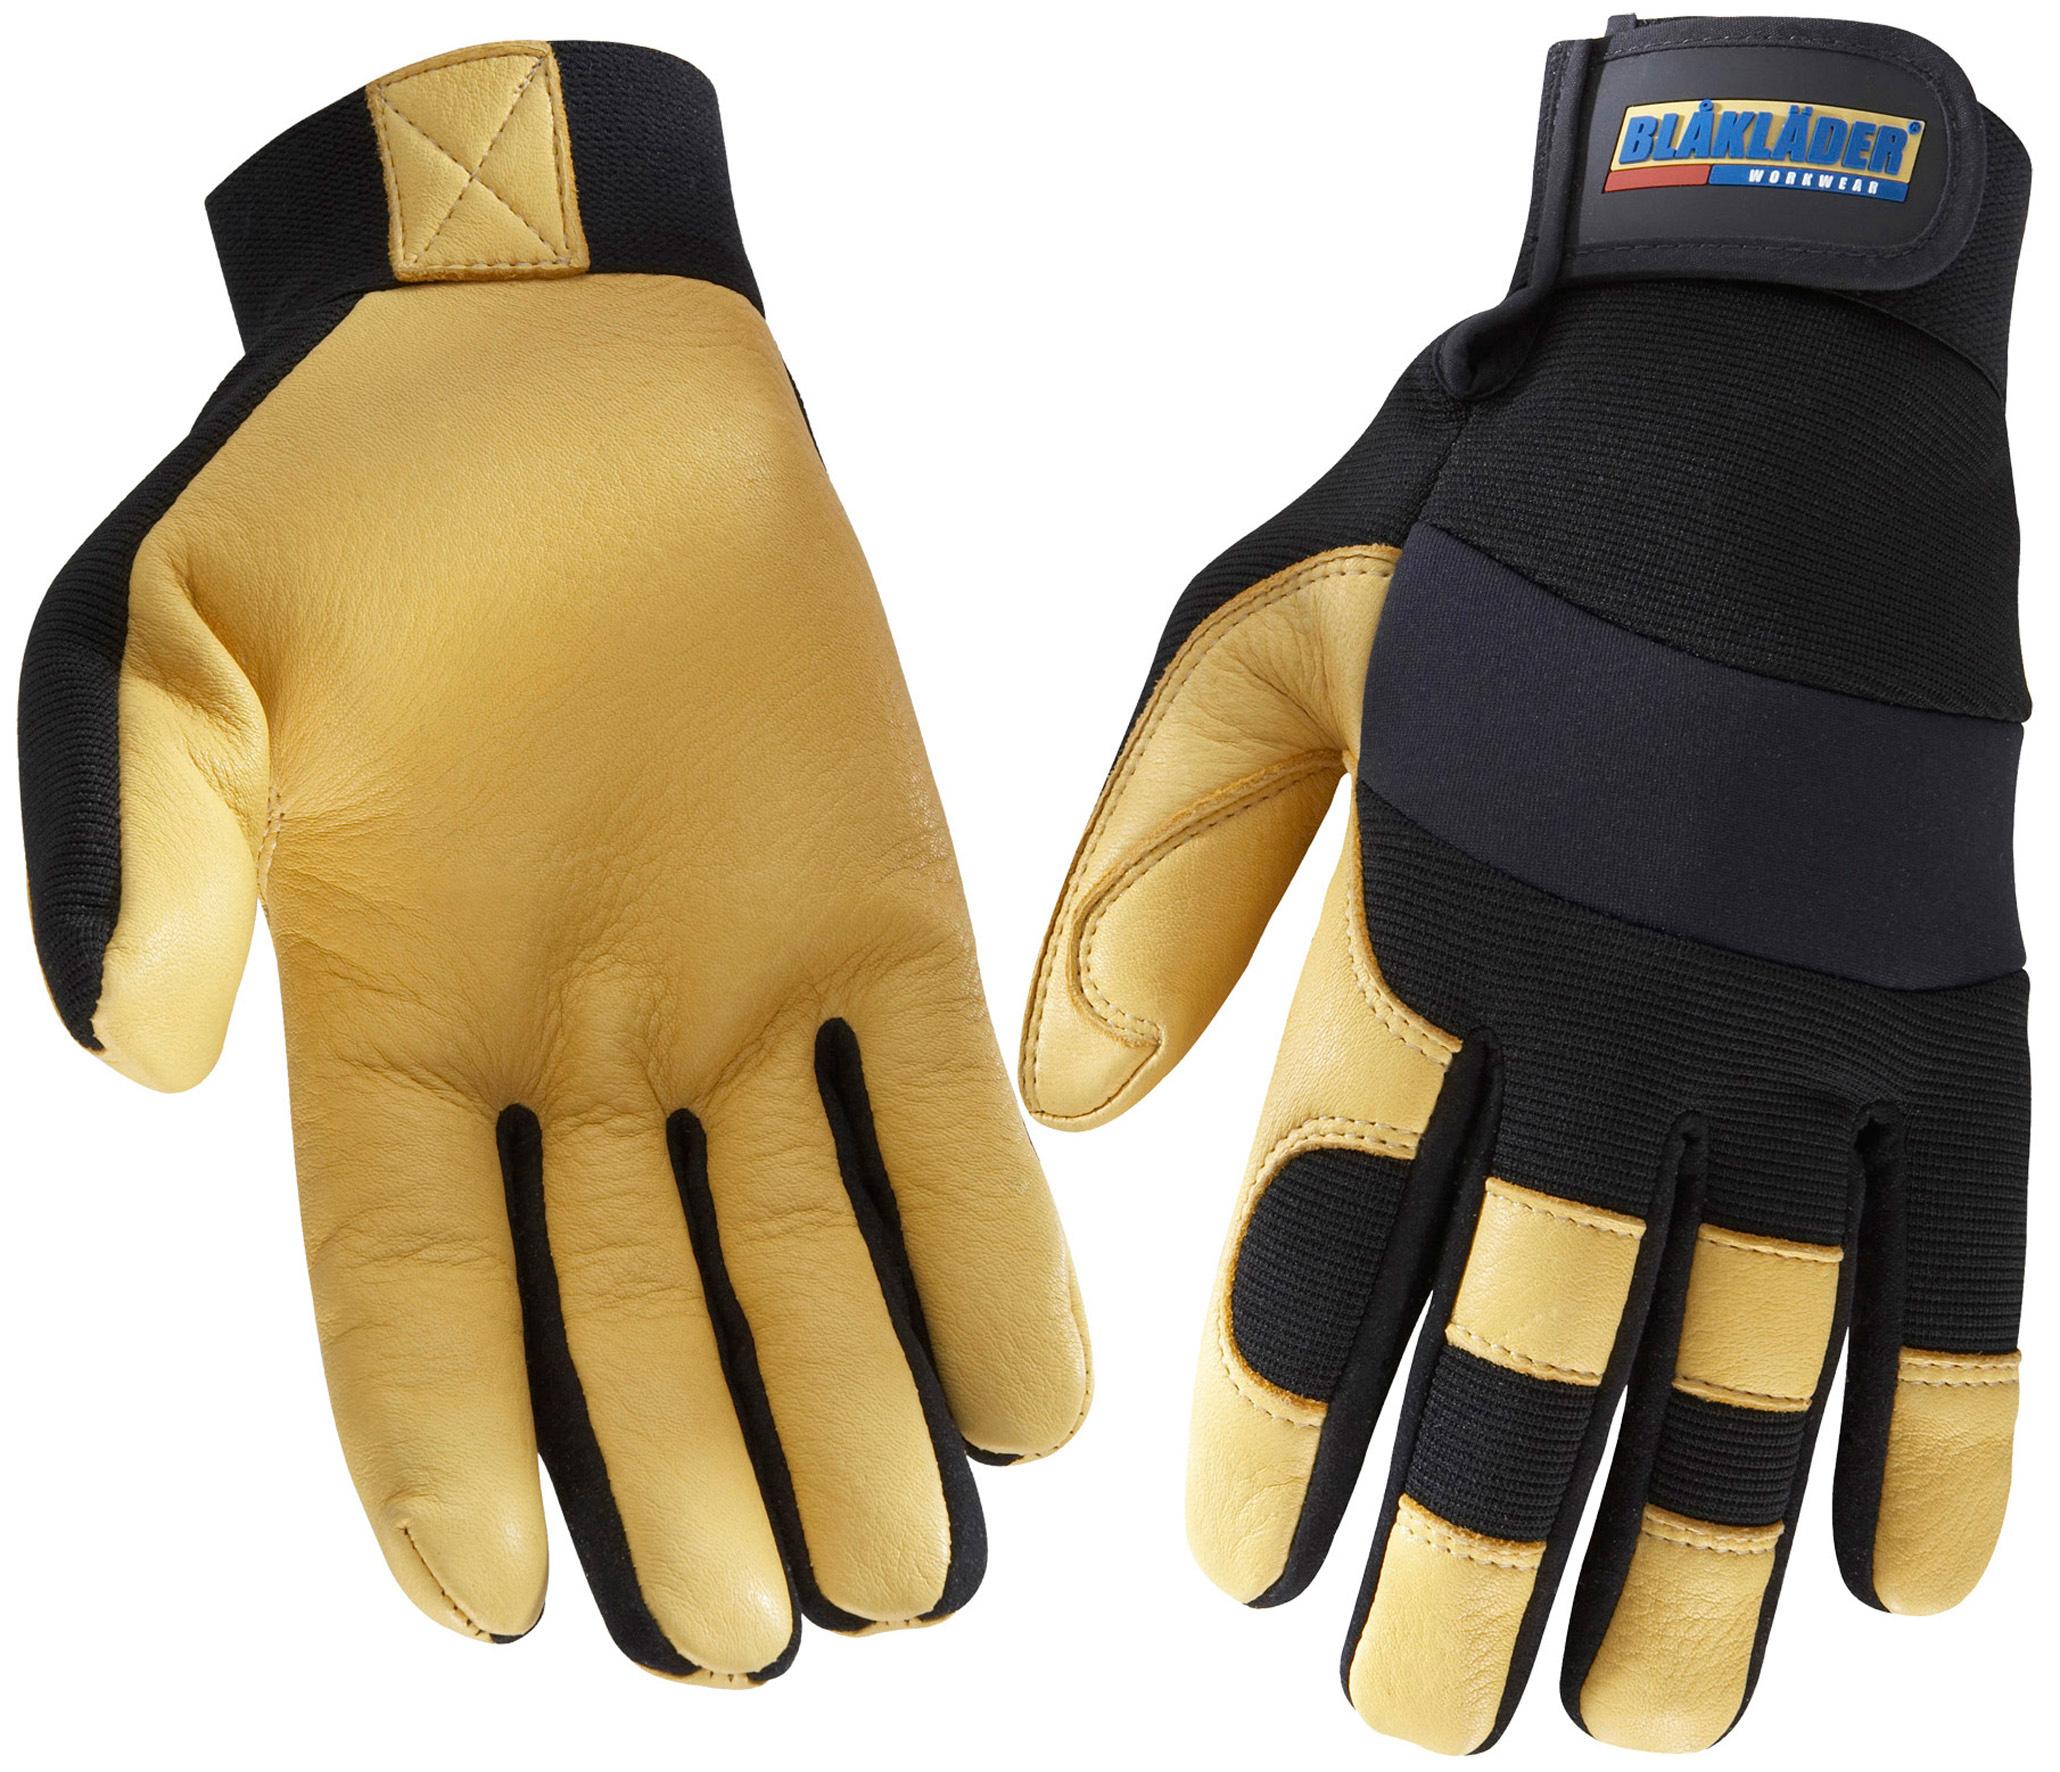 gants de travail hiver noir jaune cuir synth tique. Black Bedroom Furniture Sets. Home Design Ideas